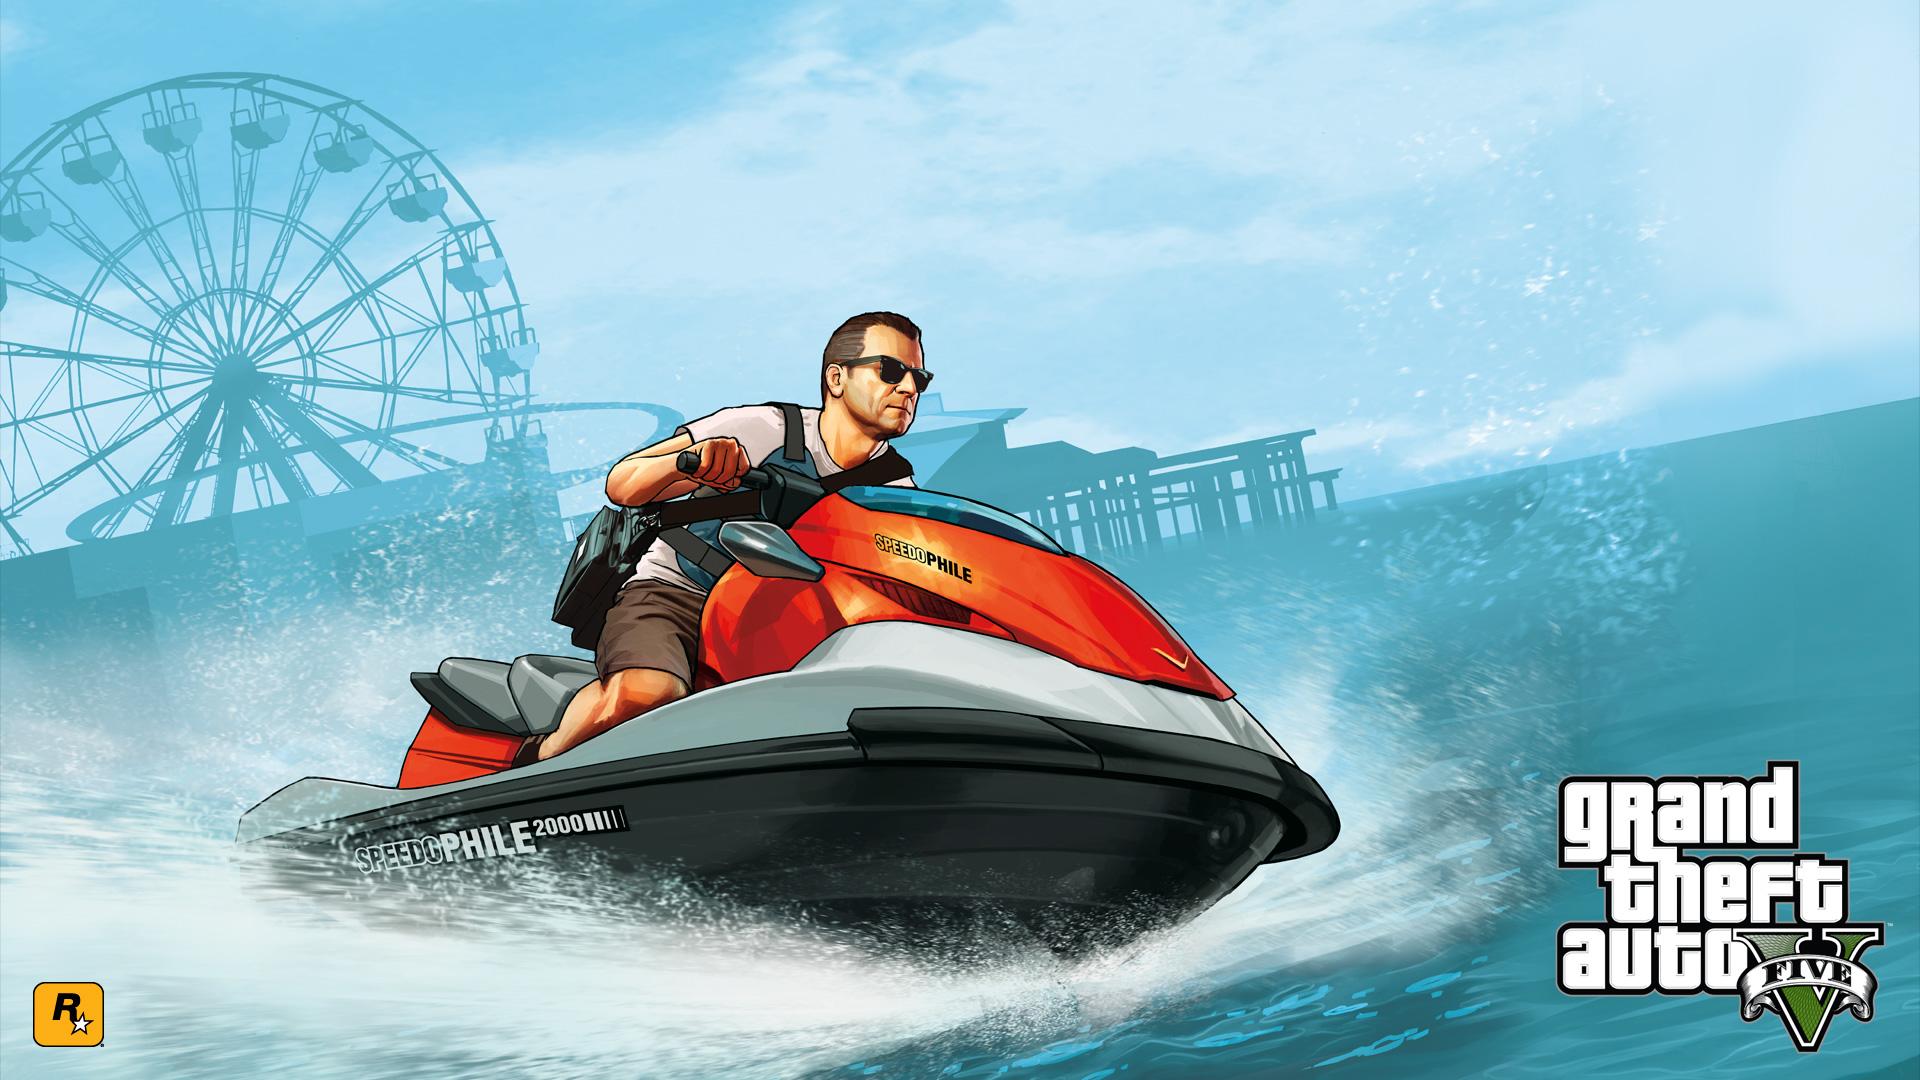 GTA Online là phần chơi trực tuyến của GTA 5